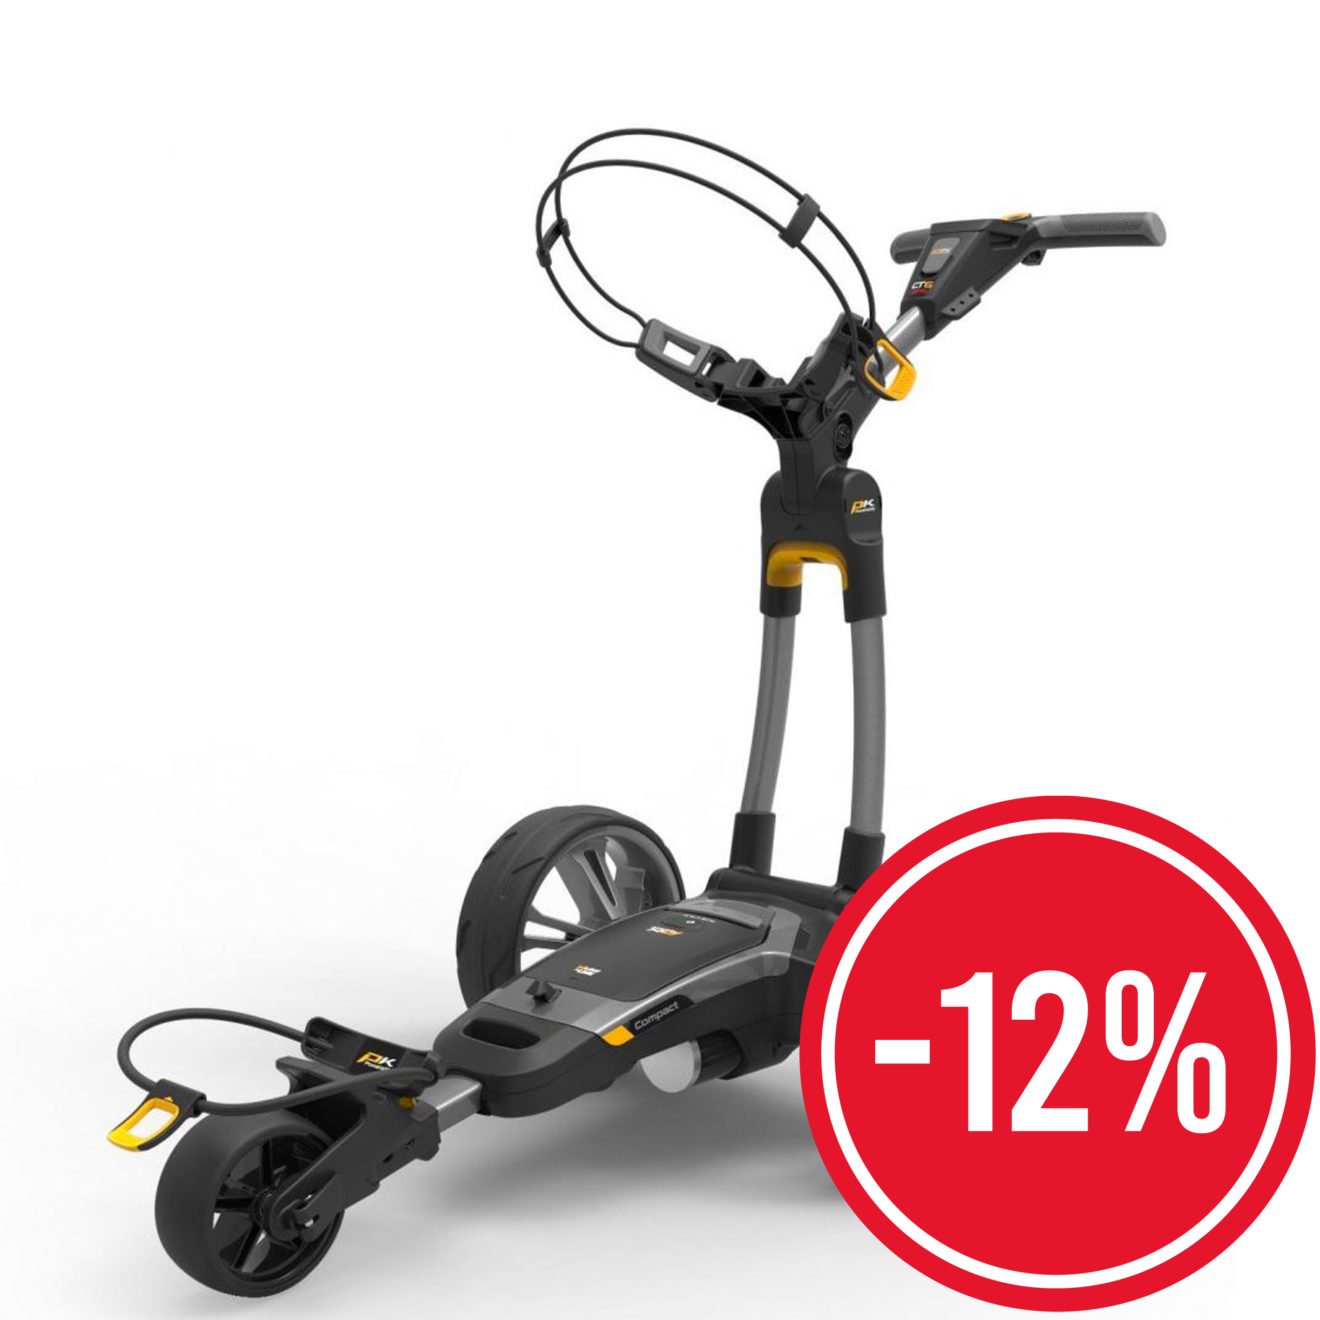 chariot-ct6-ebs-12%